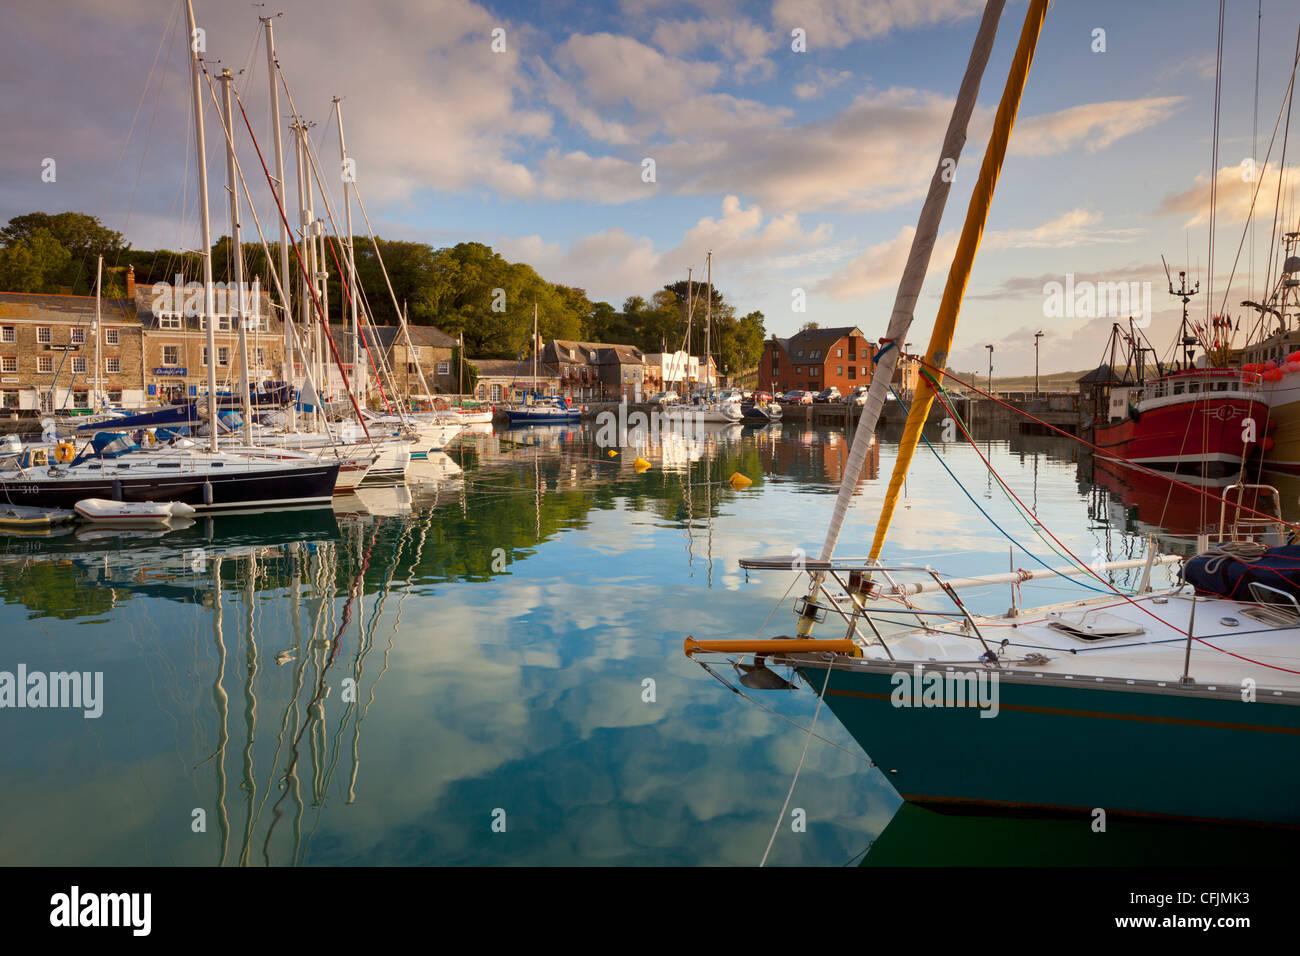 Une faible lumière du matin et yacht à réflexions à Padstow Harbour, Cornwall, Angleterre, Royaume Photo Stock